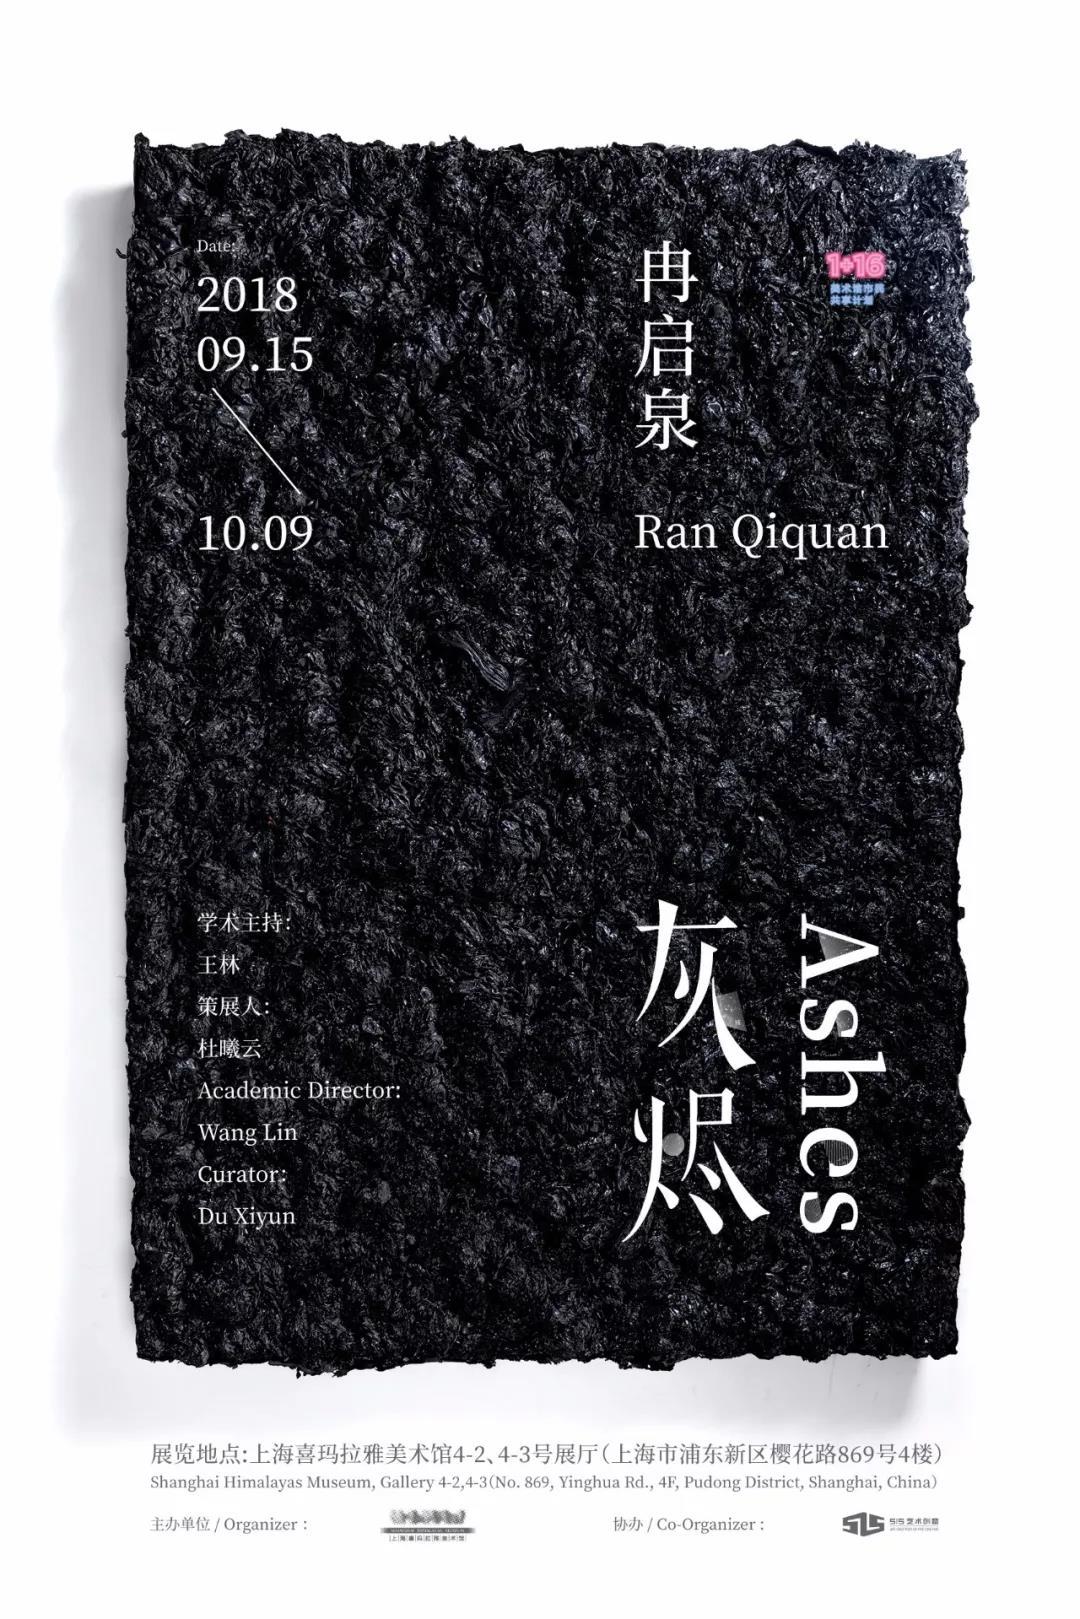 冉启泉:灰烬 Ran Qiquan: Ashes